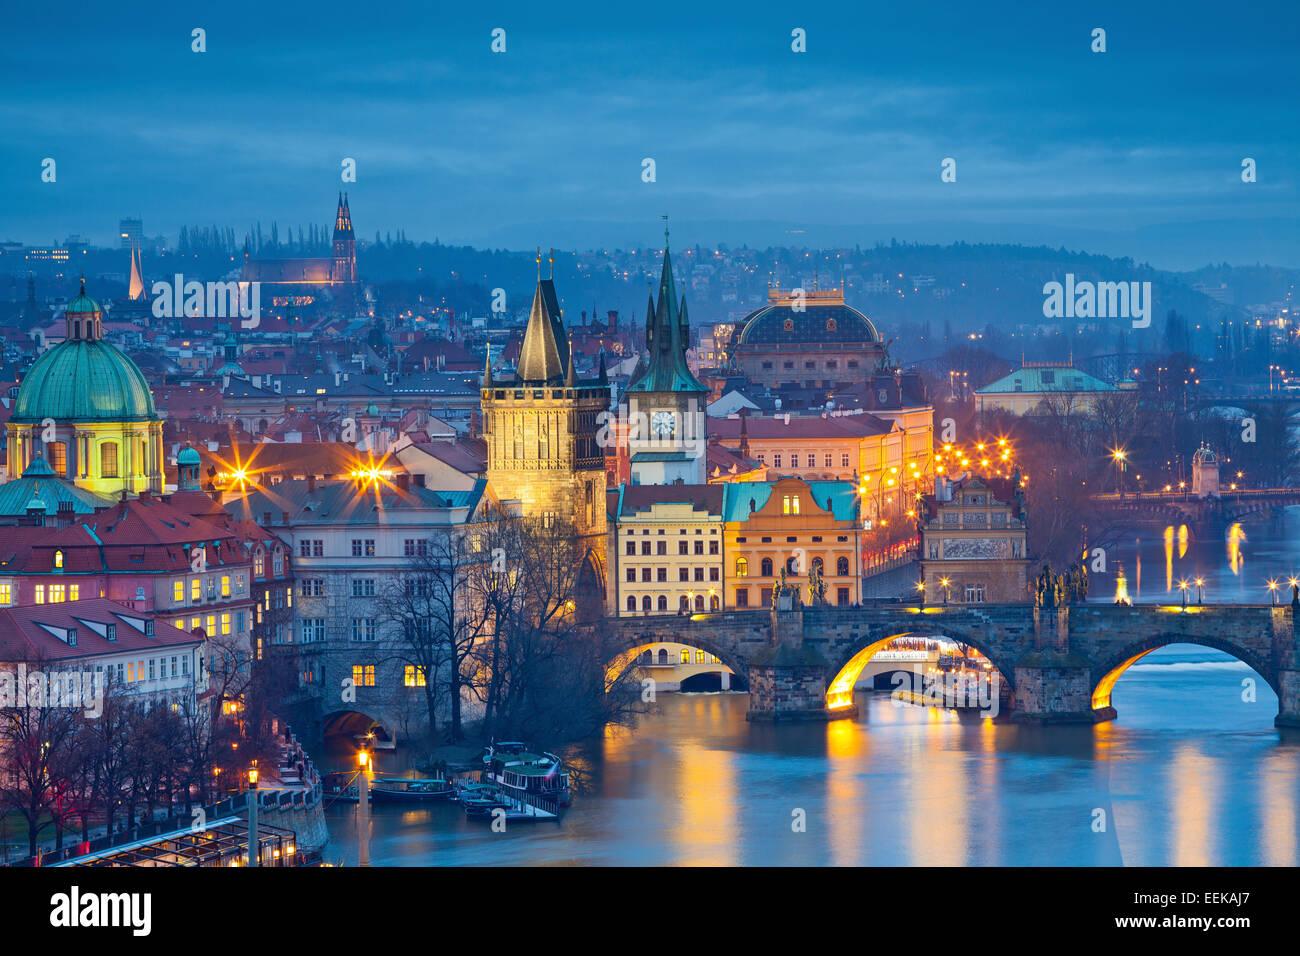 Praga. Imagen de Praga, capital de la República Checa y el Puente Charles, durante la hora azul crepúsculo. Imagen De Stock